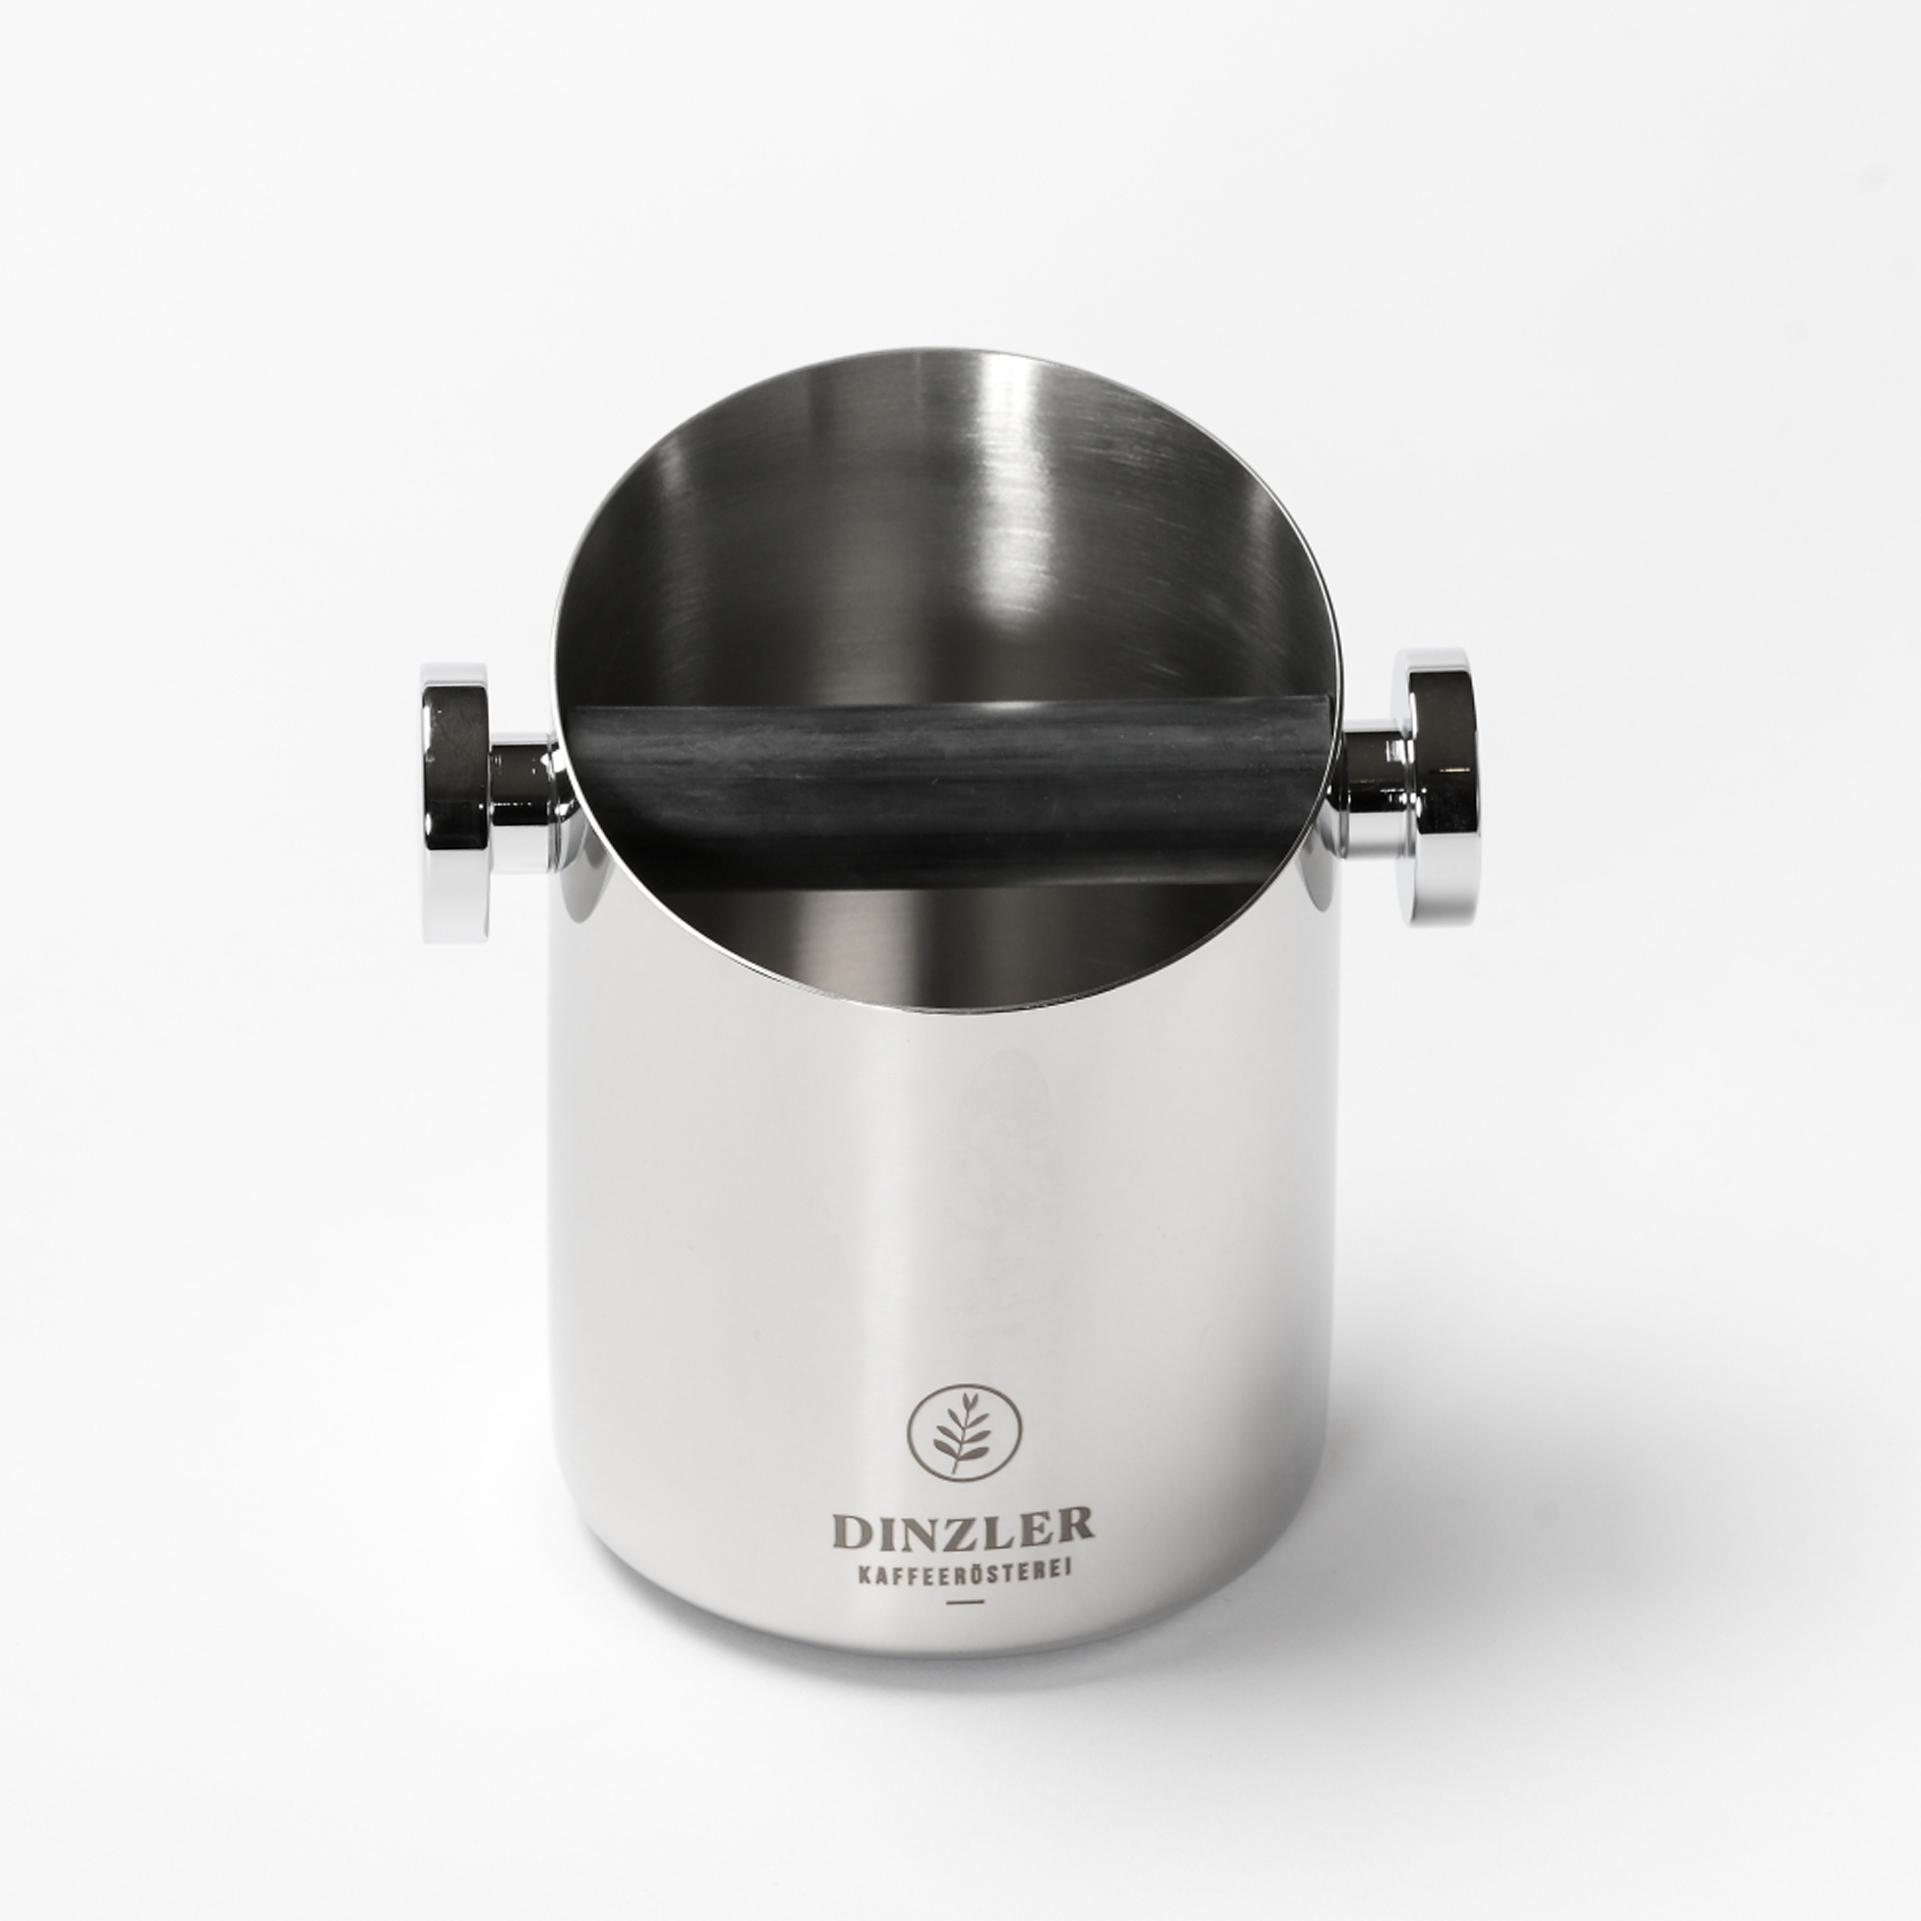 Knock Box - Abschlagbehälter für Espressomaschinen